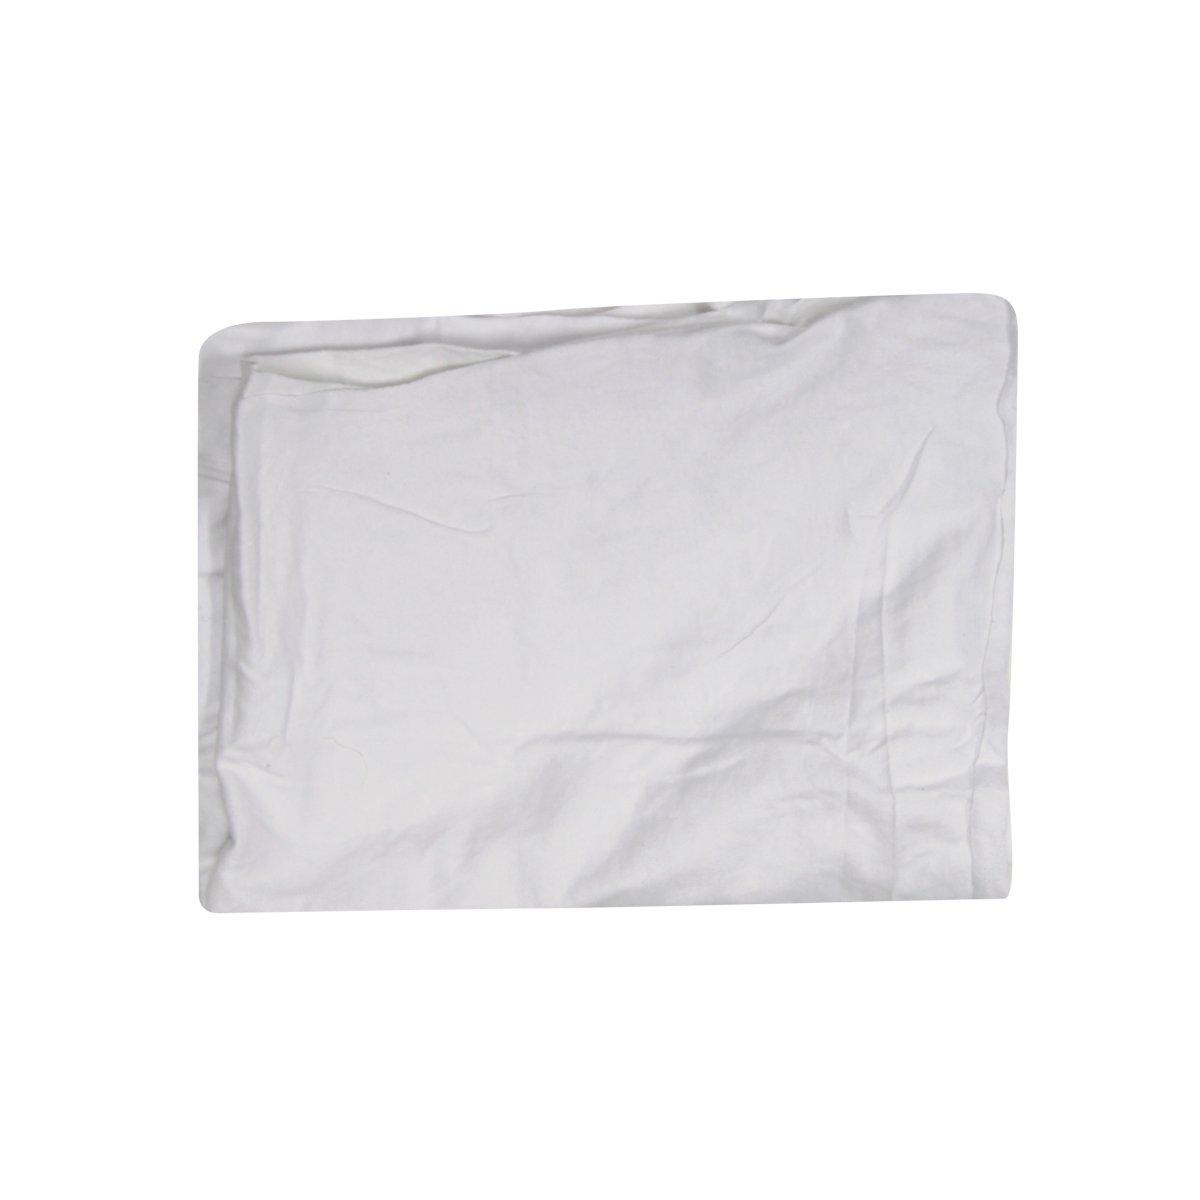 Trimaco 10886 45lb Box T-Shirt Knit Painter's Rags